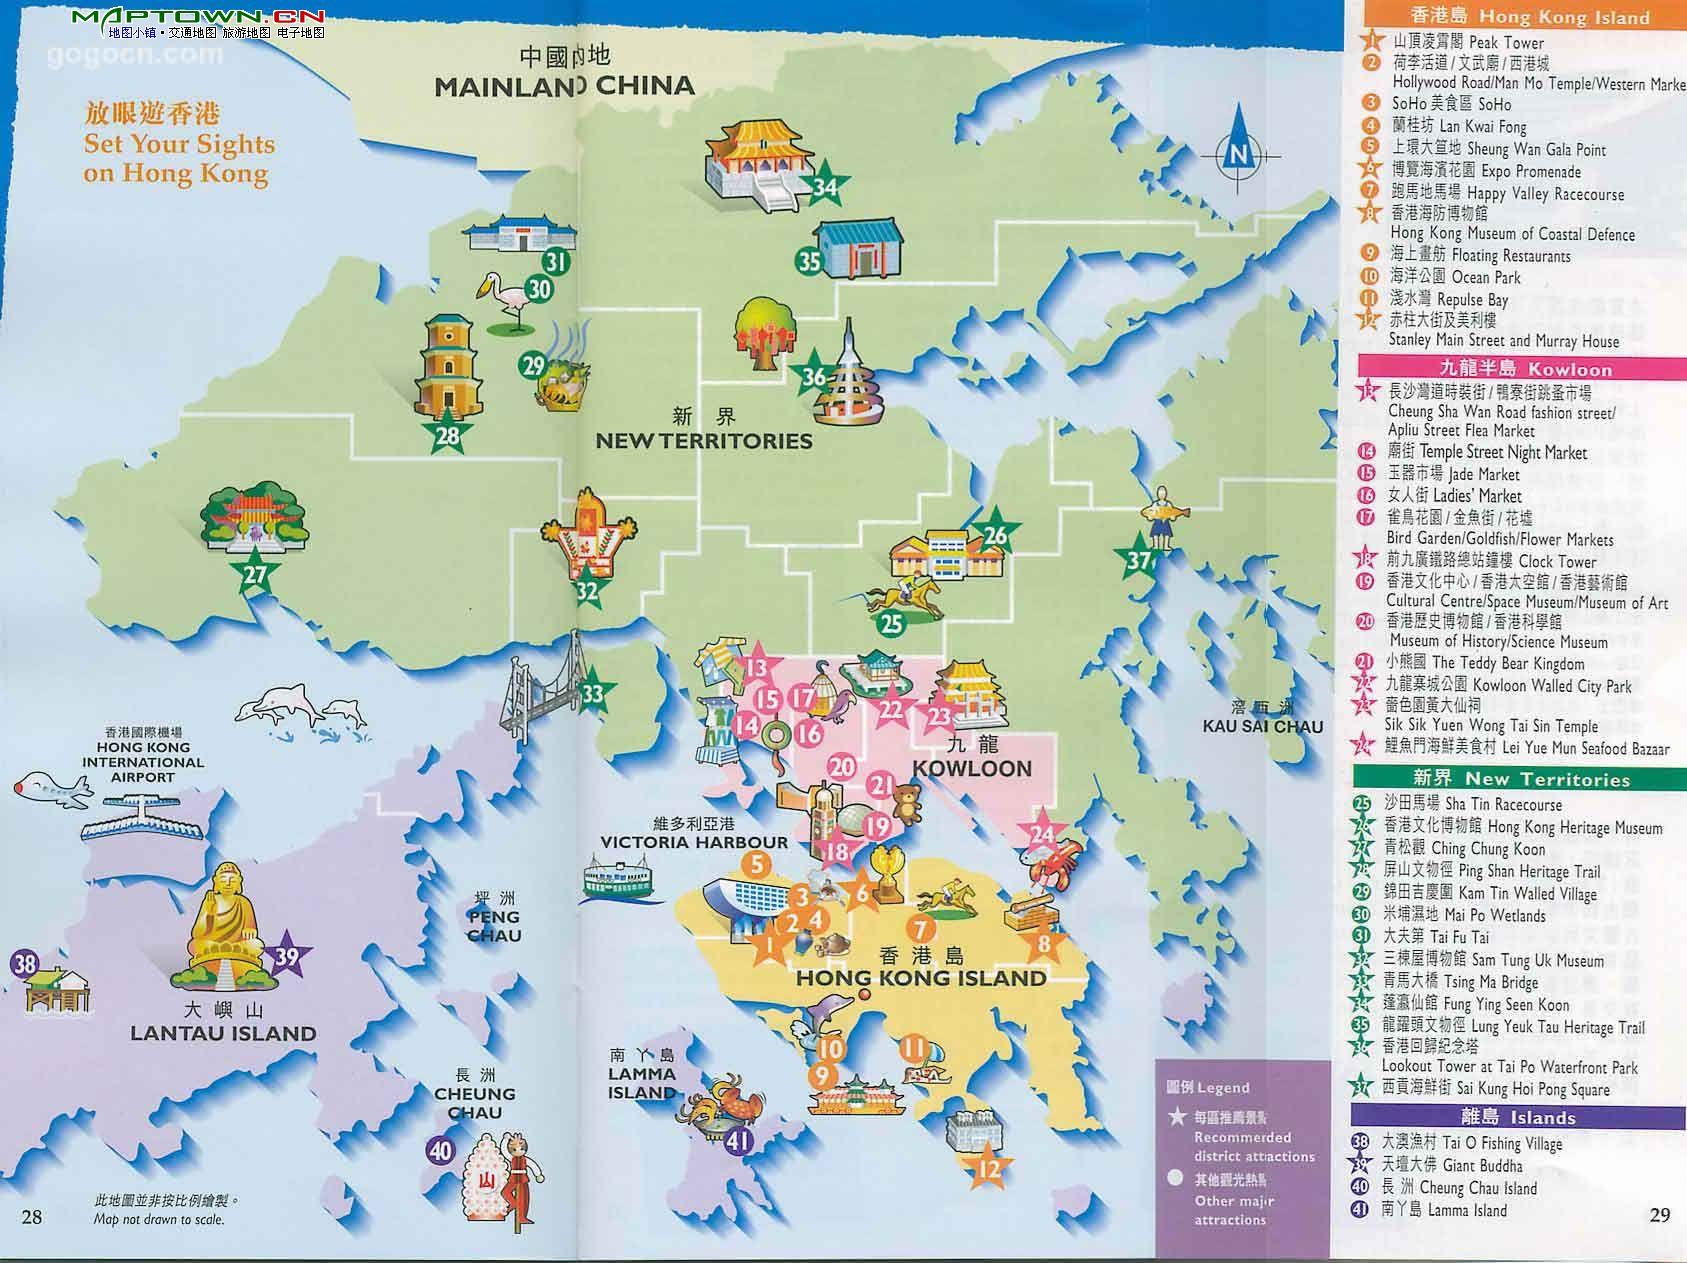 本地宝深圳交通频道 香港交通 香港地图 香港旅游地图